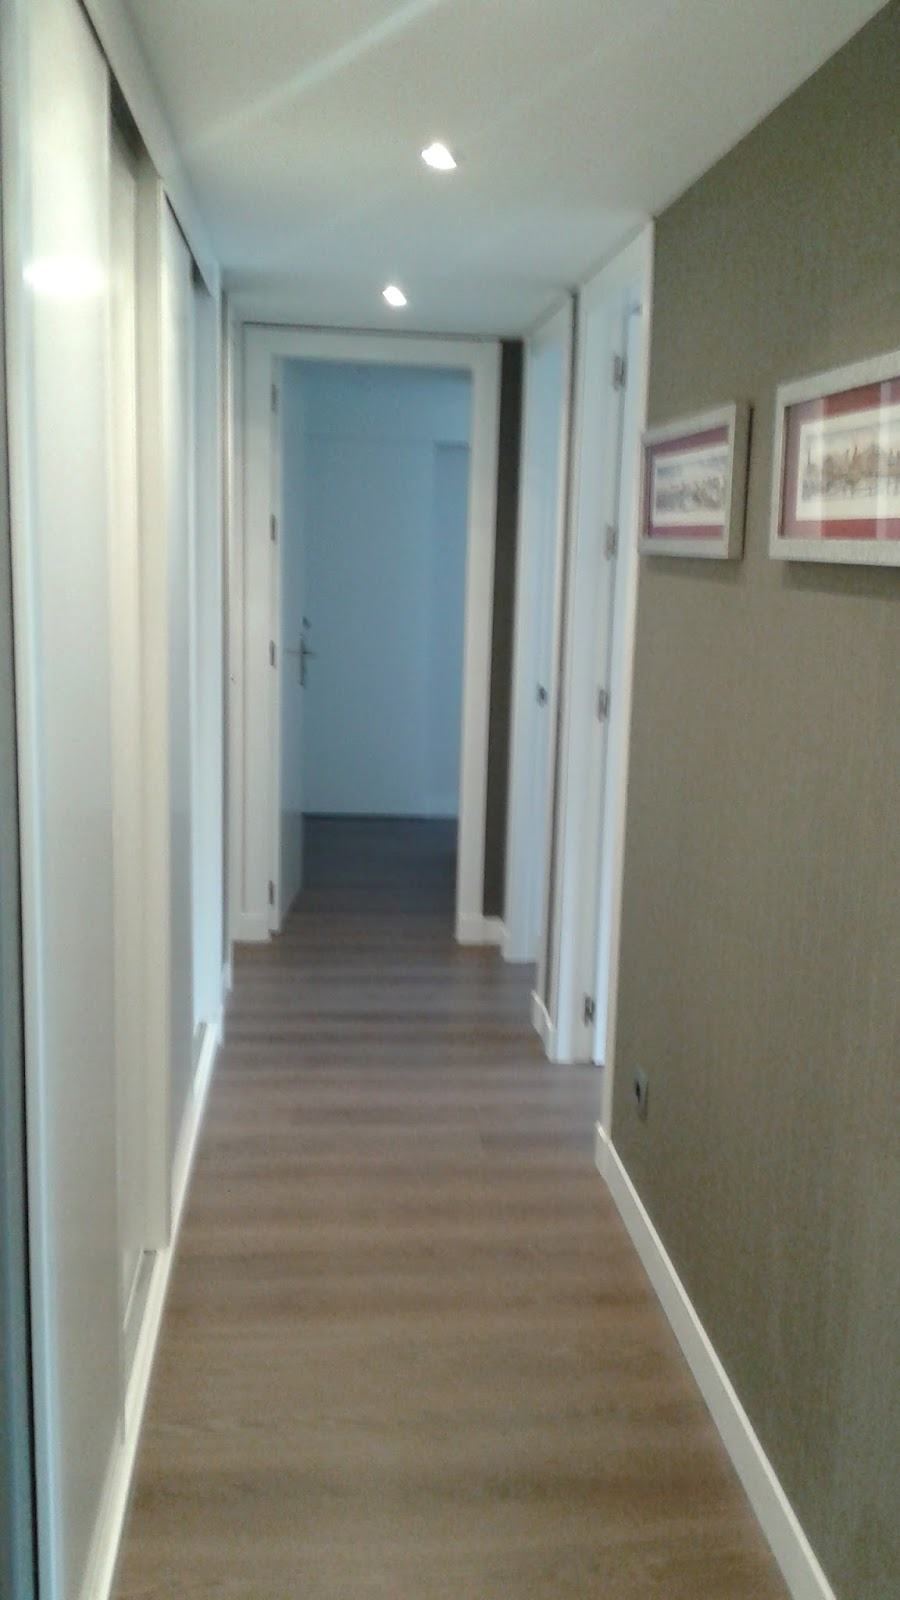 Marta decoycina como decorar pasillos largos - Como pintar las juntas del piso ...